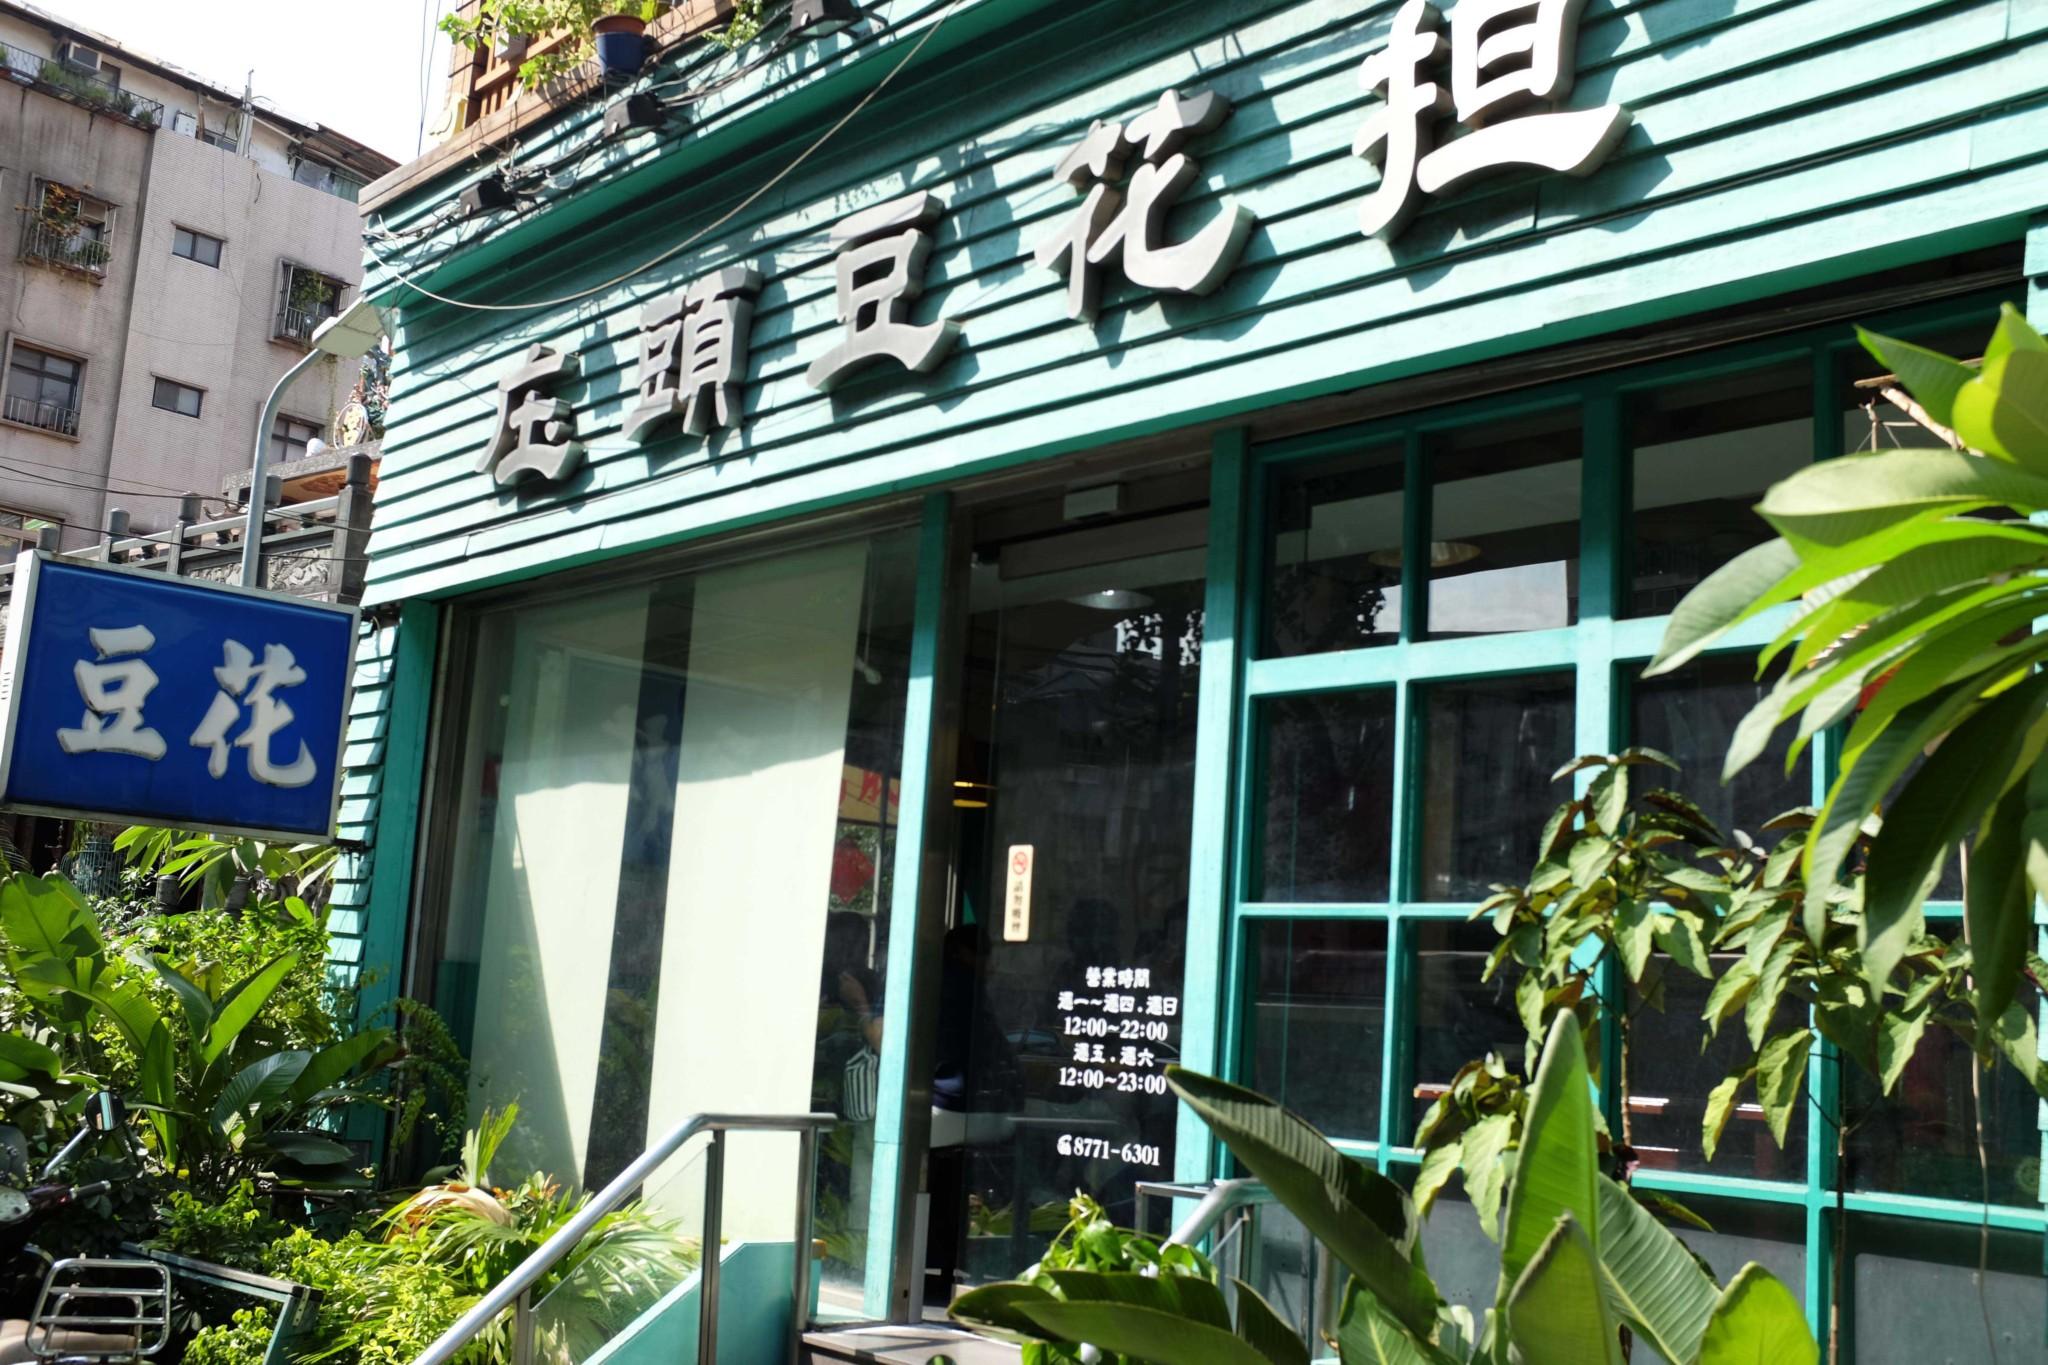 忠成復興駅から徒歩10分の豆花専門店「庄頭豆花担」。